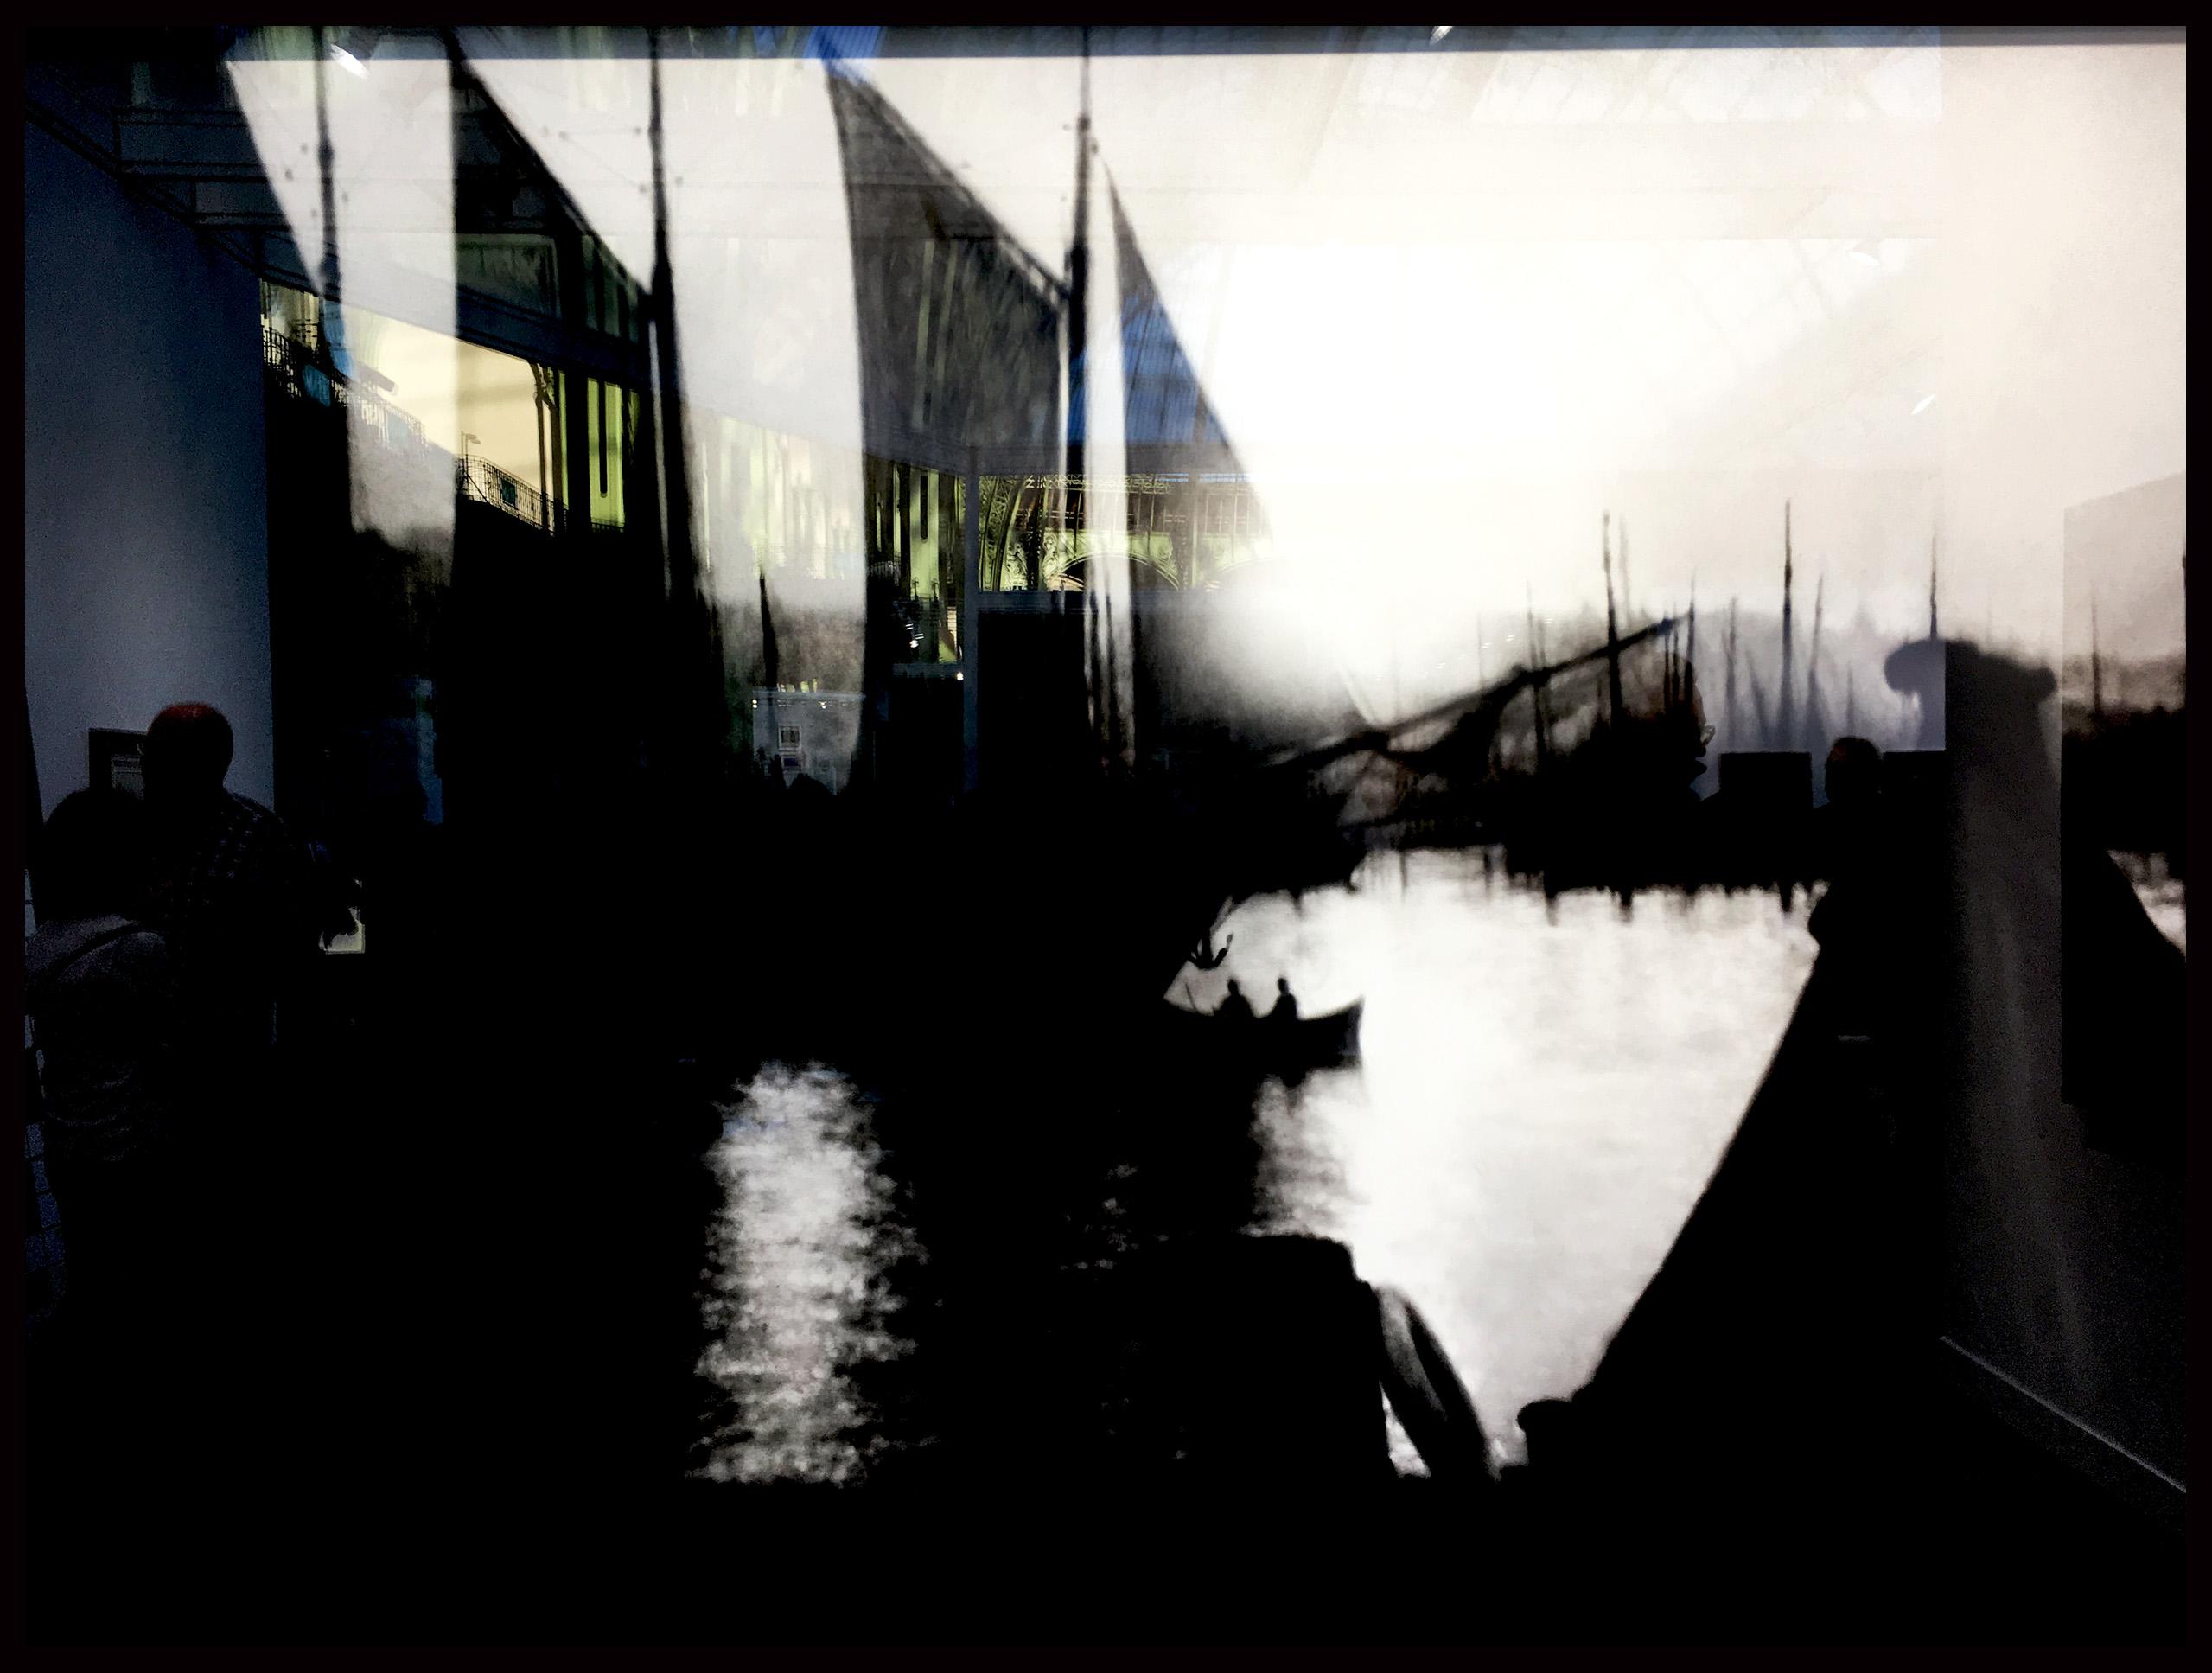 eisenstein-potemkin-with-black-square-roberto-longo_metro-pictures_@loeildoliv